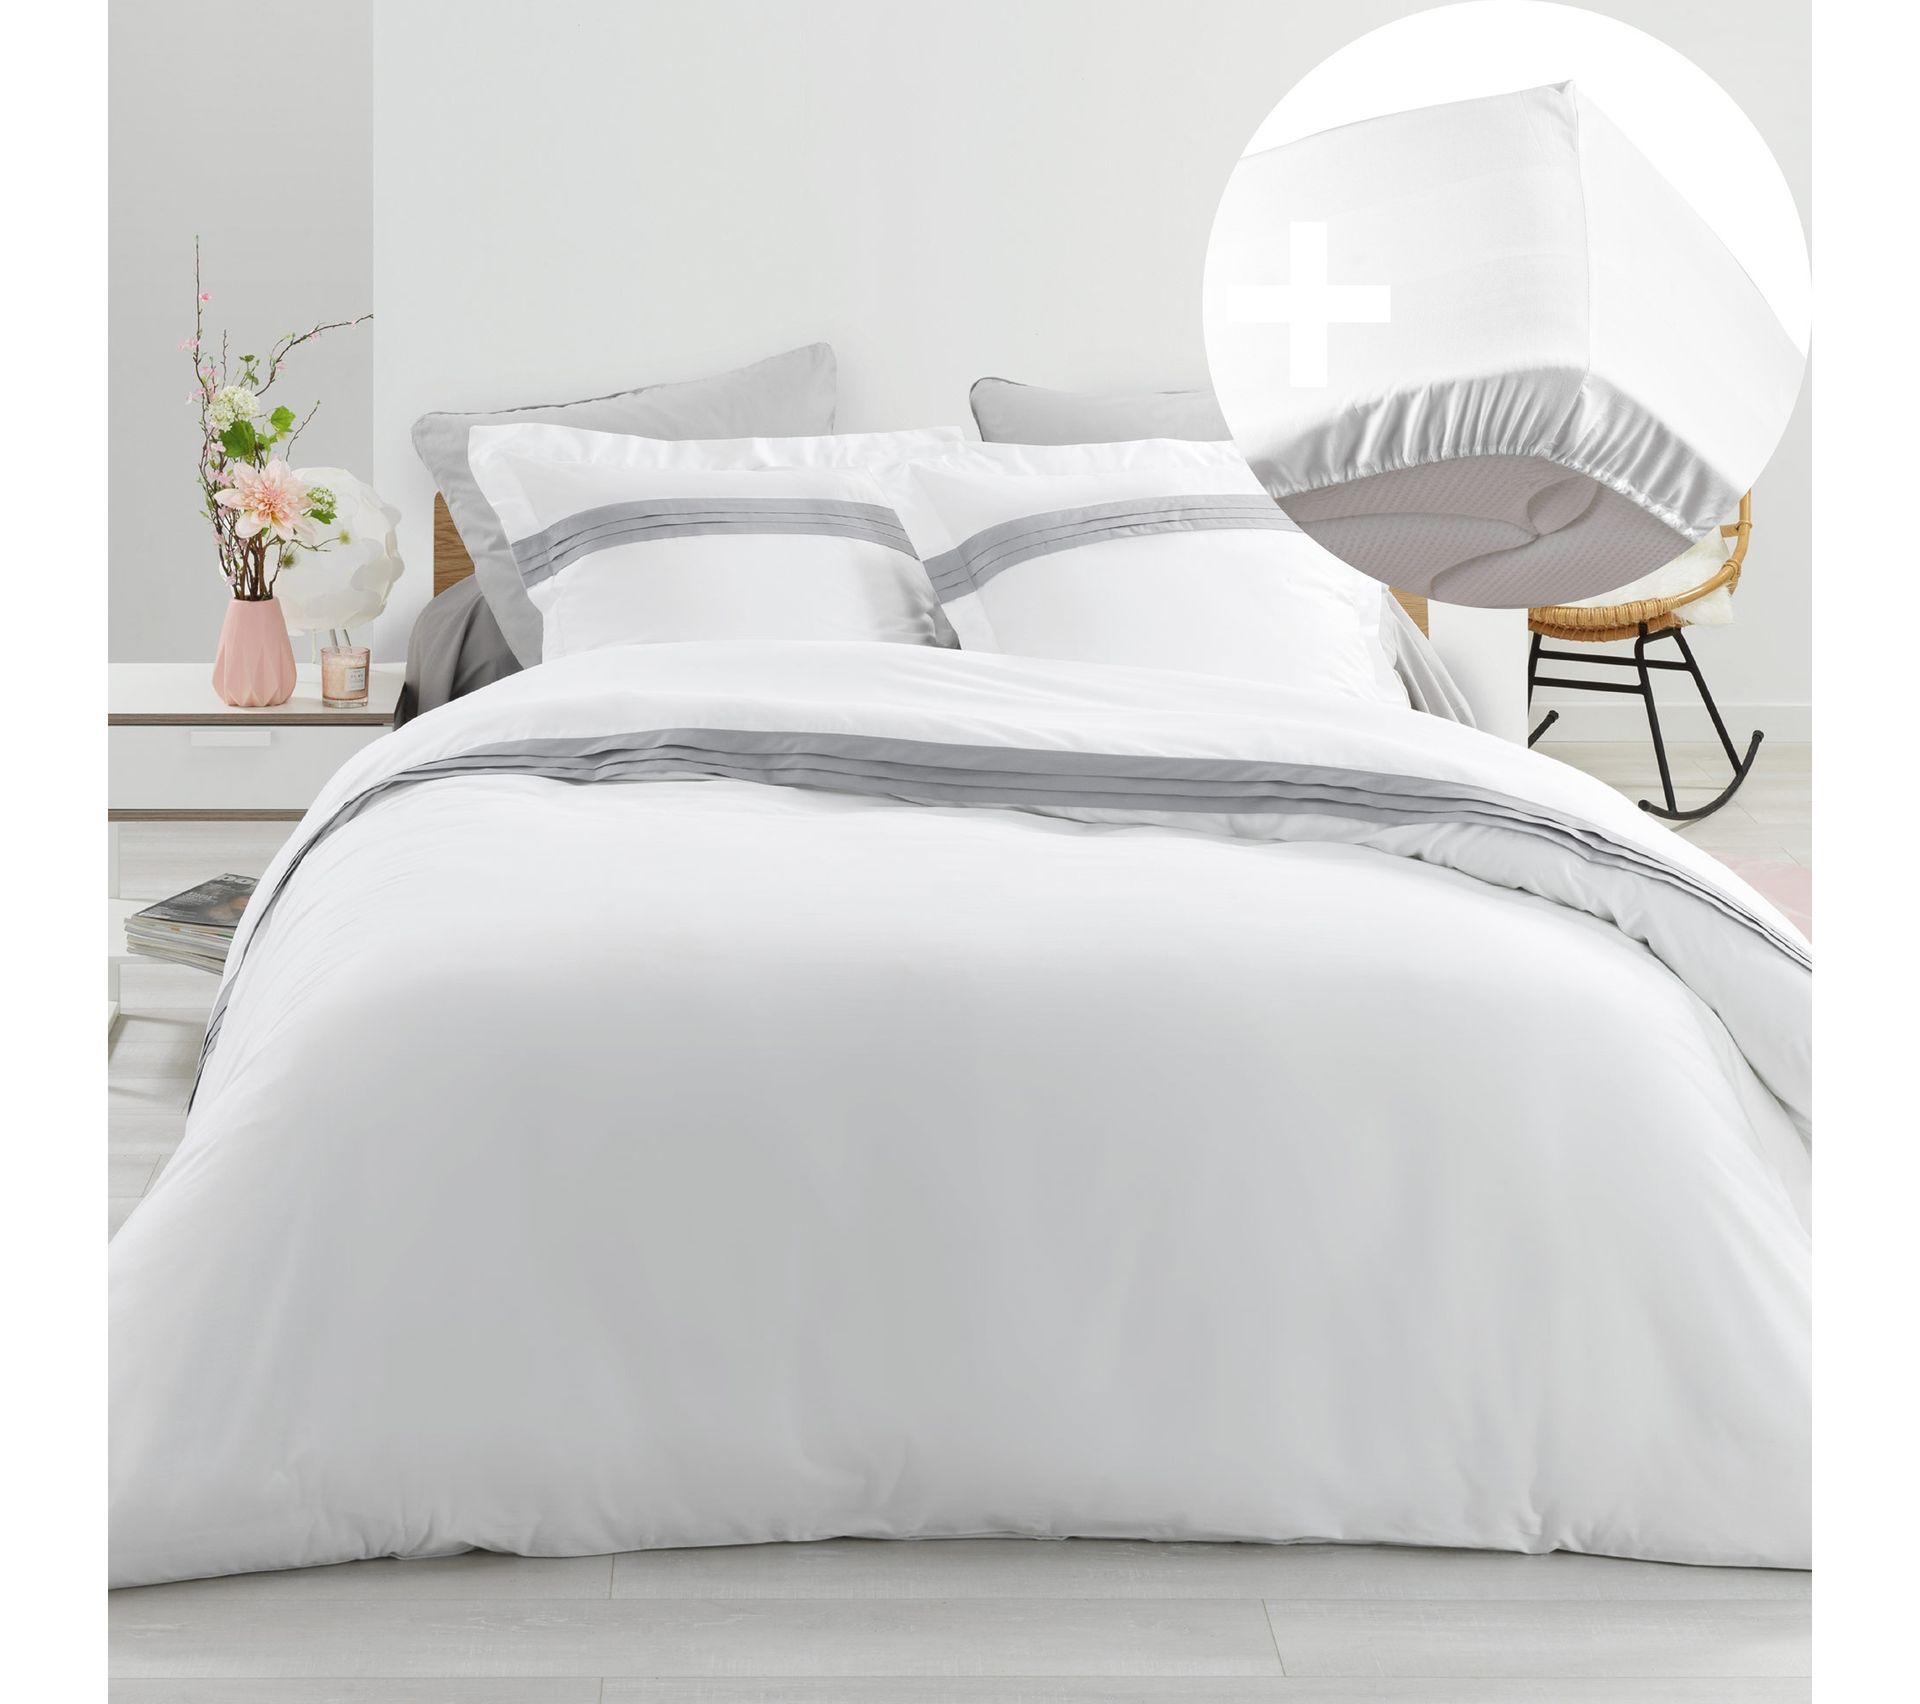 Drap housse blanc cassé en coton brossé housse de couette couette ensemble de literie taie d/'oreiller